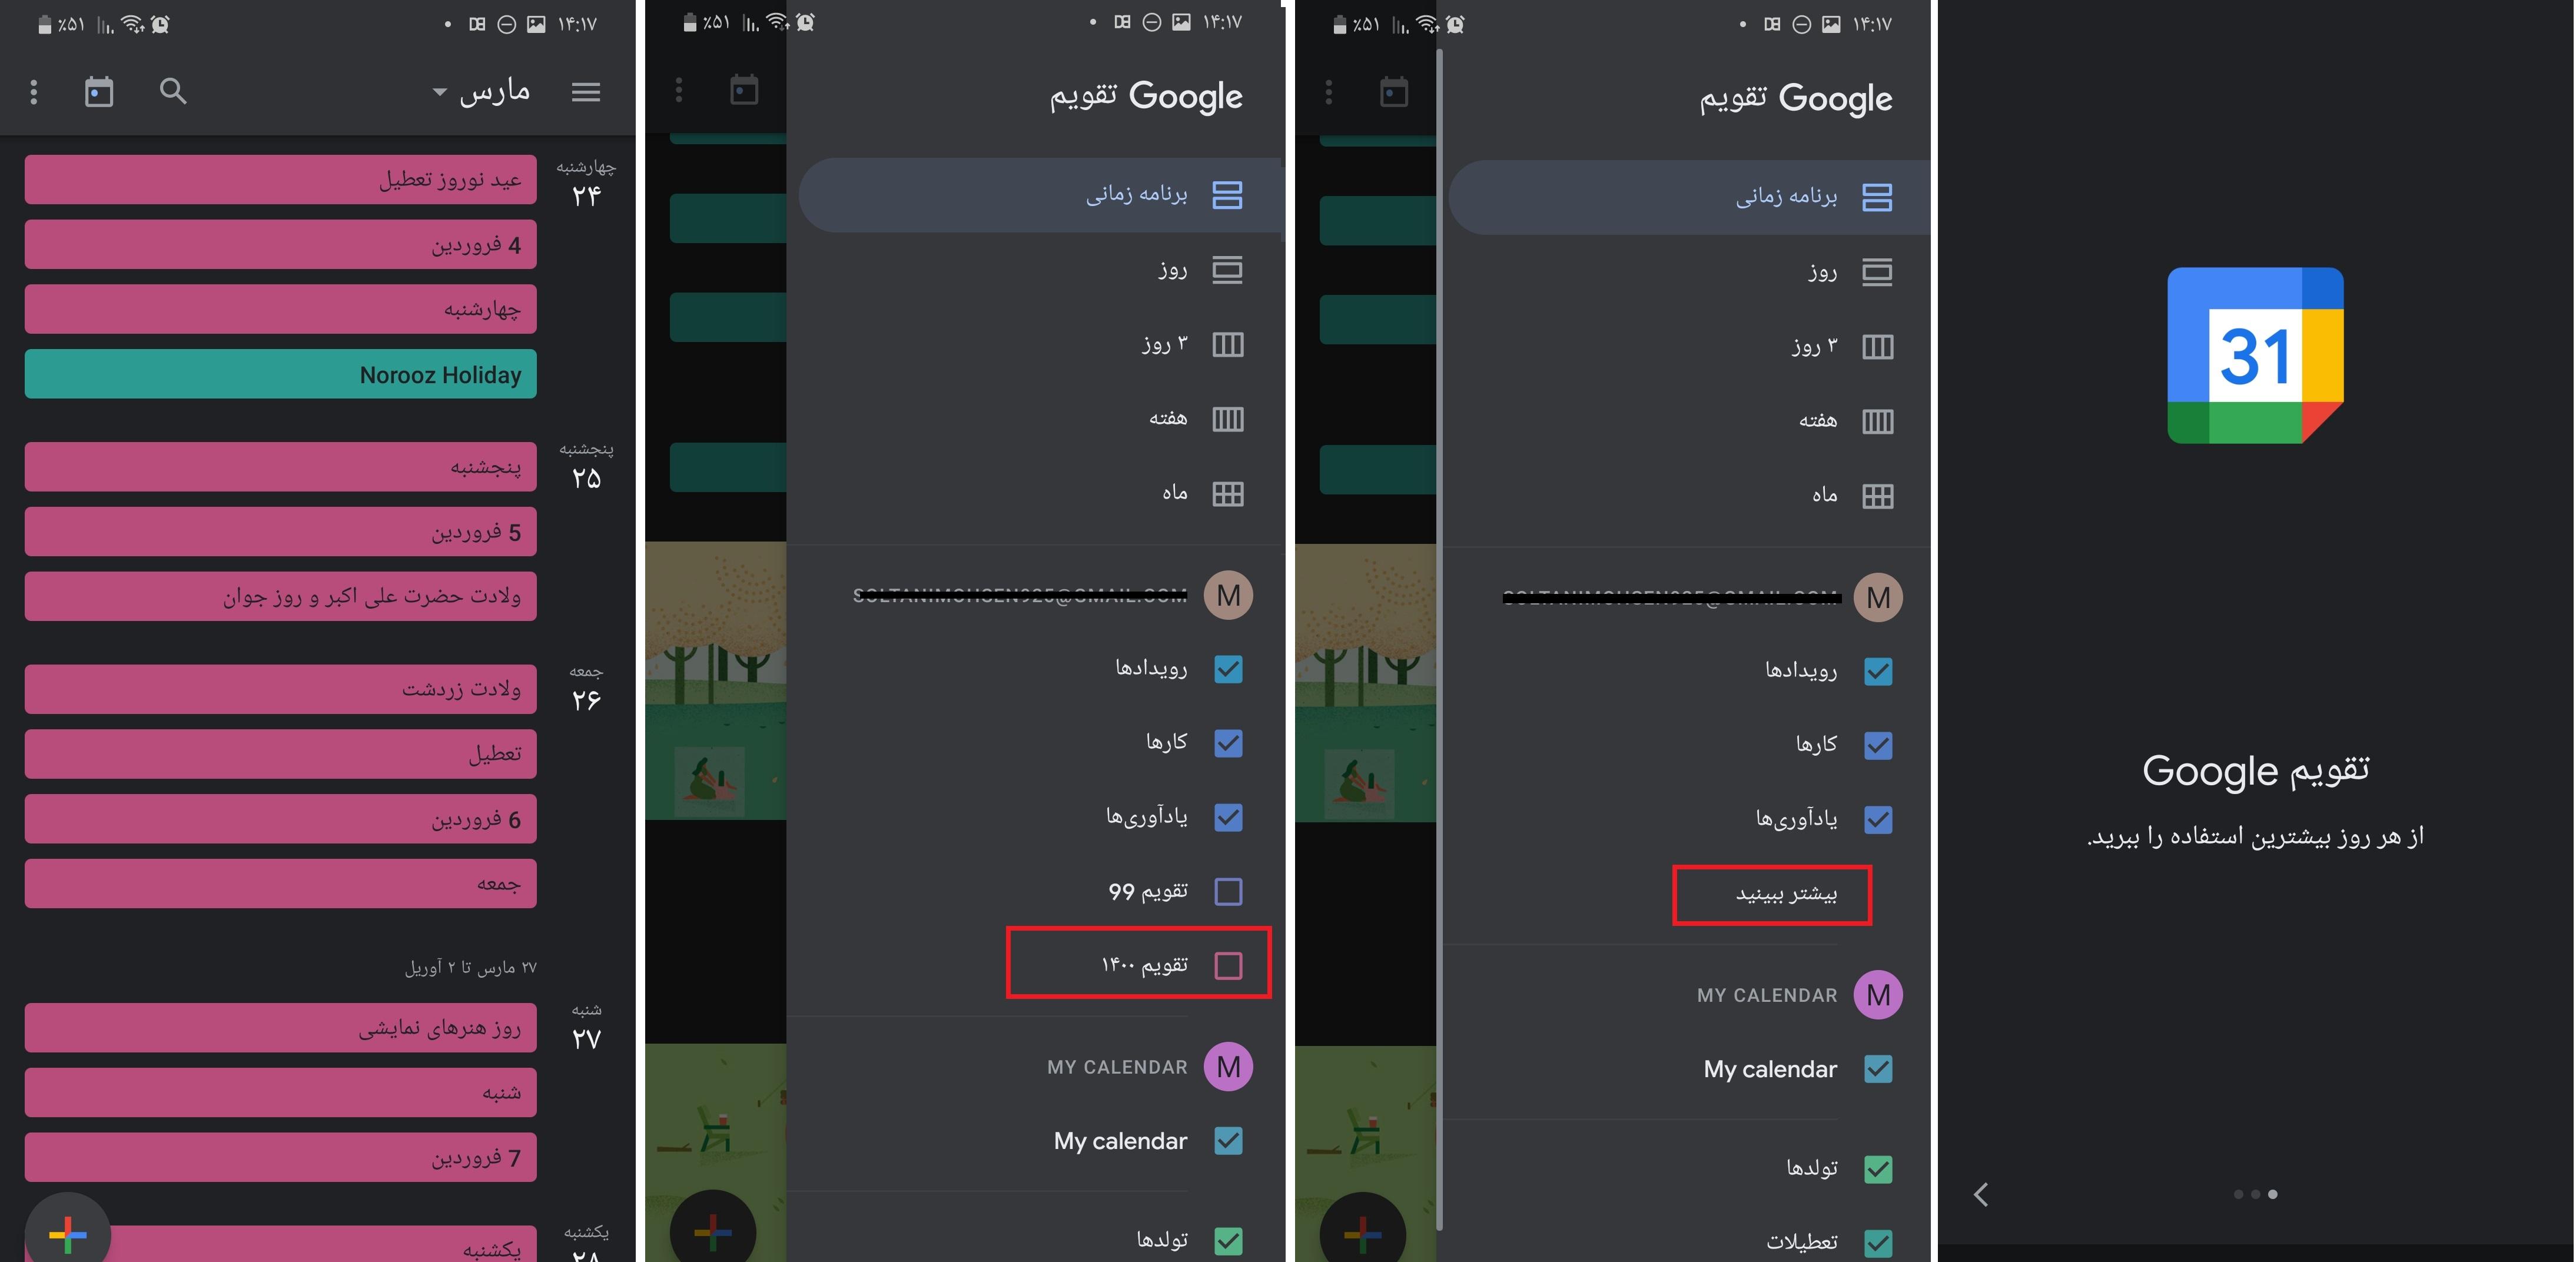 نمایش تقویم سال 1400 در اپلیکیشن گوگل